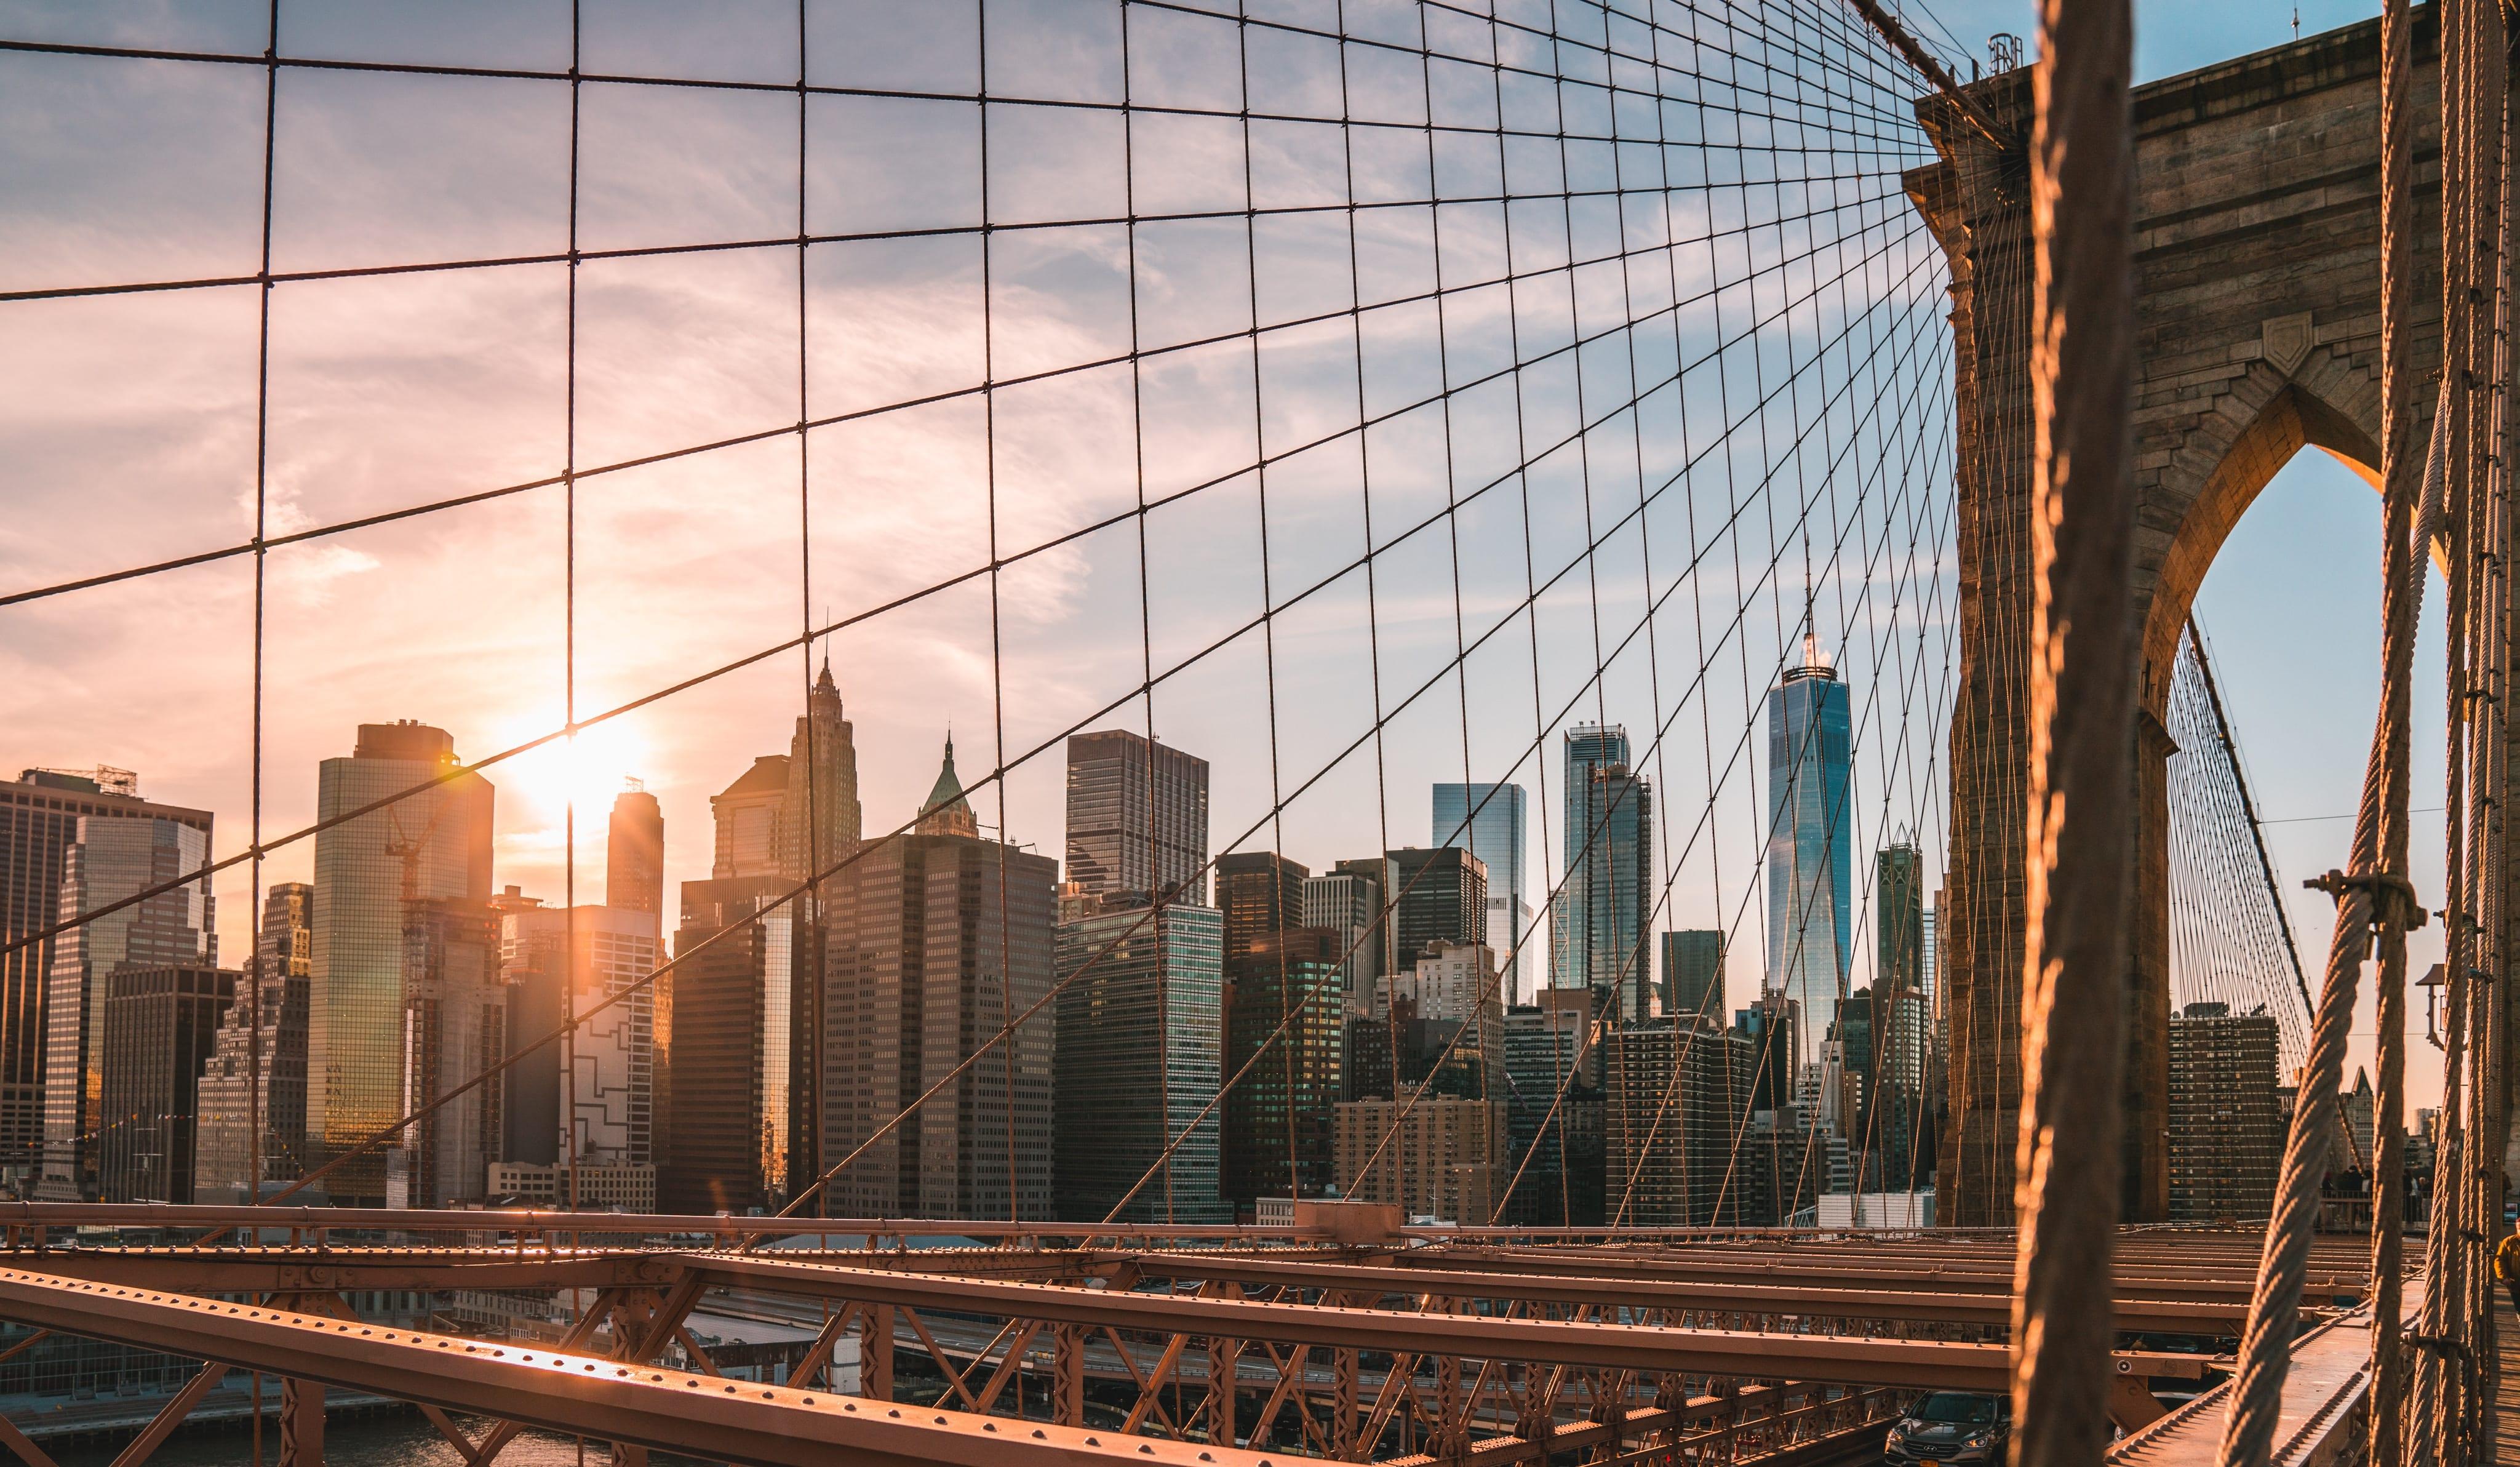 Najlepsze miejsce na połączenie w Nowym Jorku